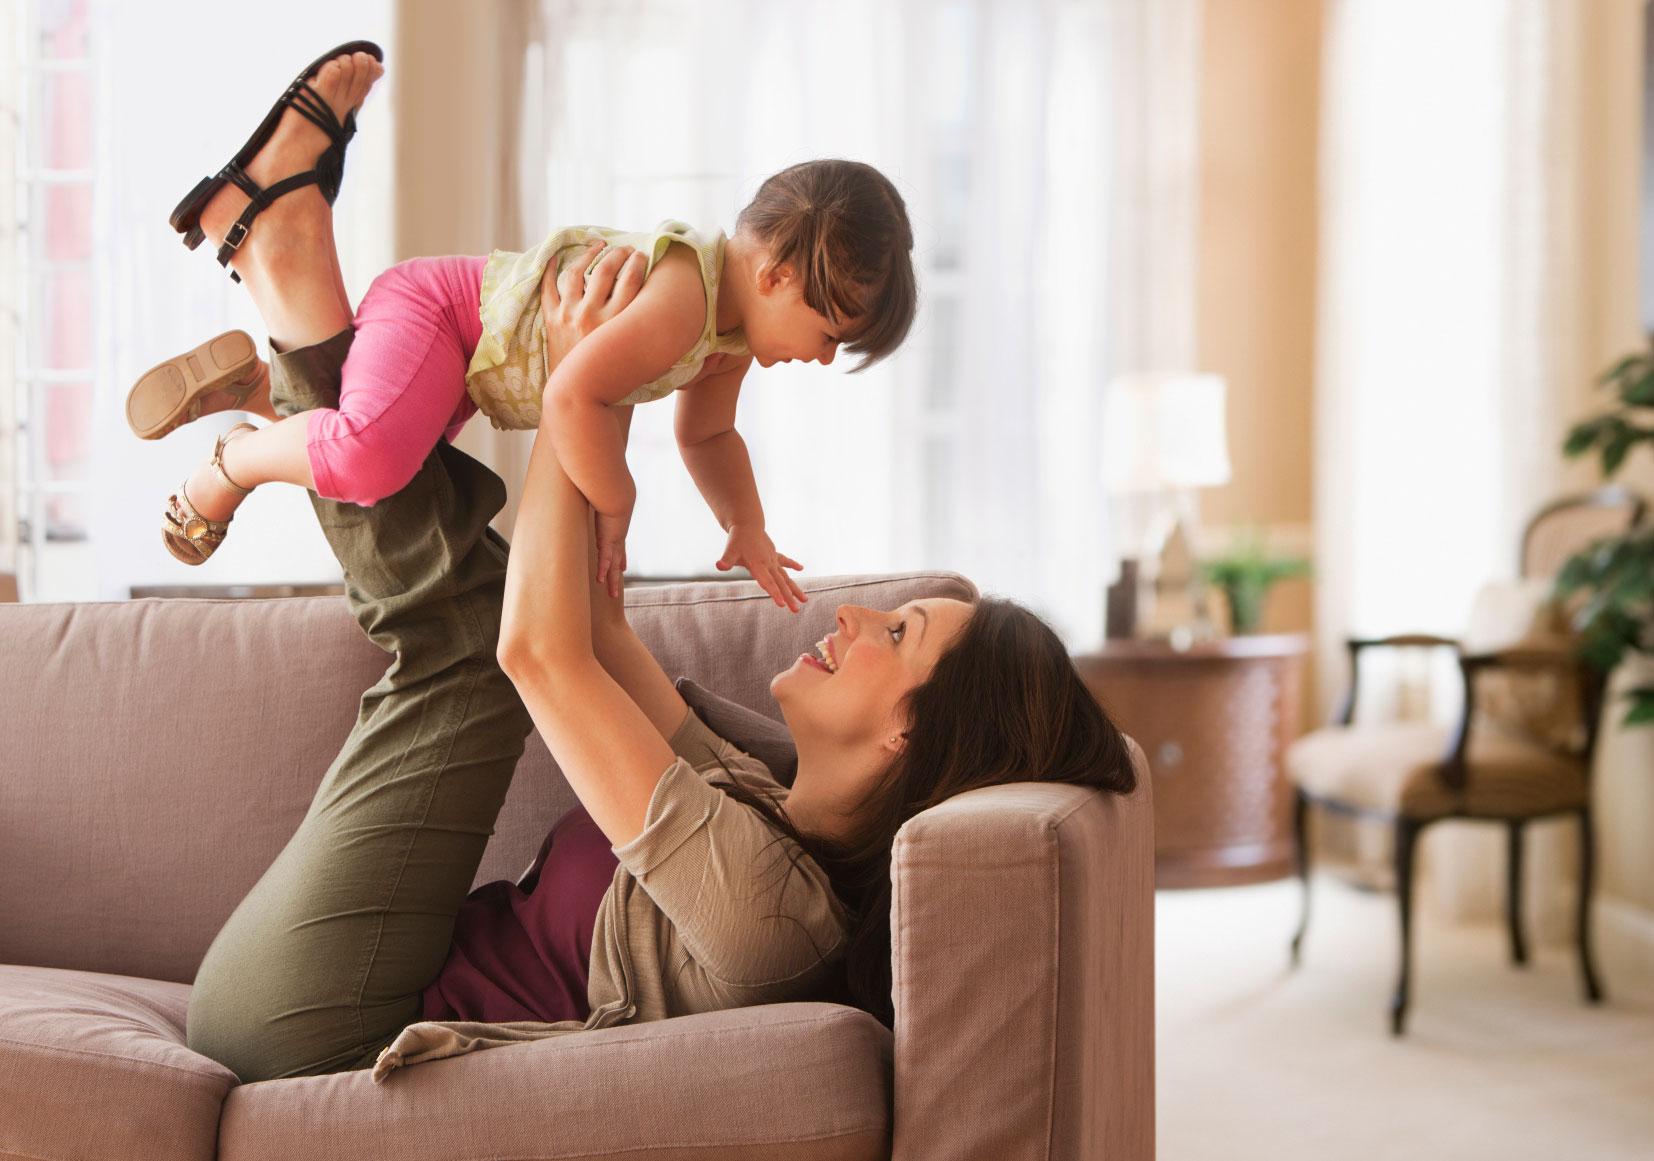 mamá jugando con su hija cargandola en brazos